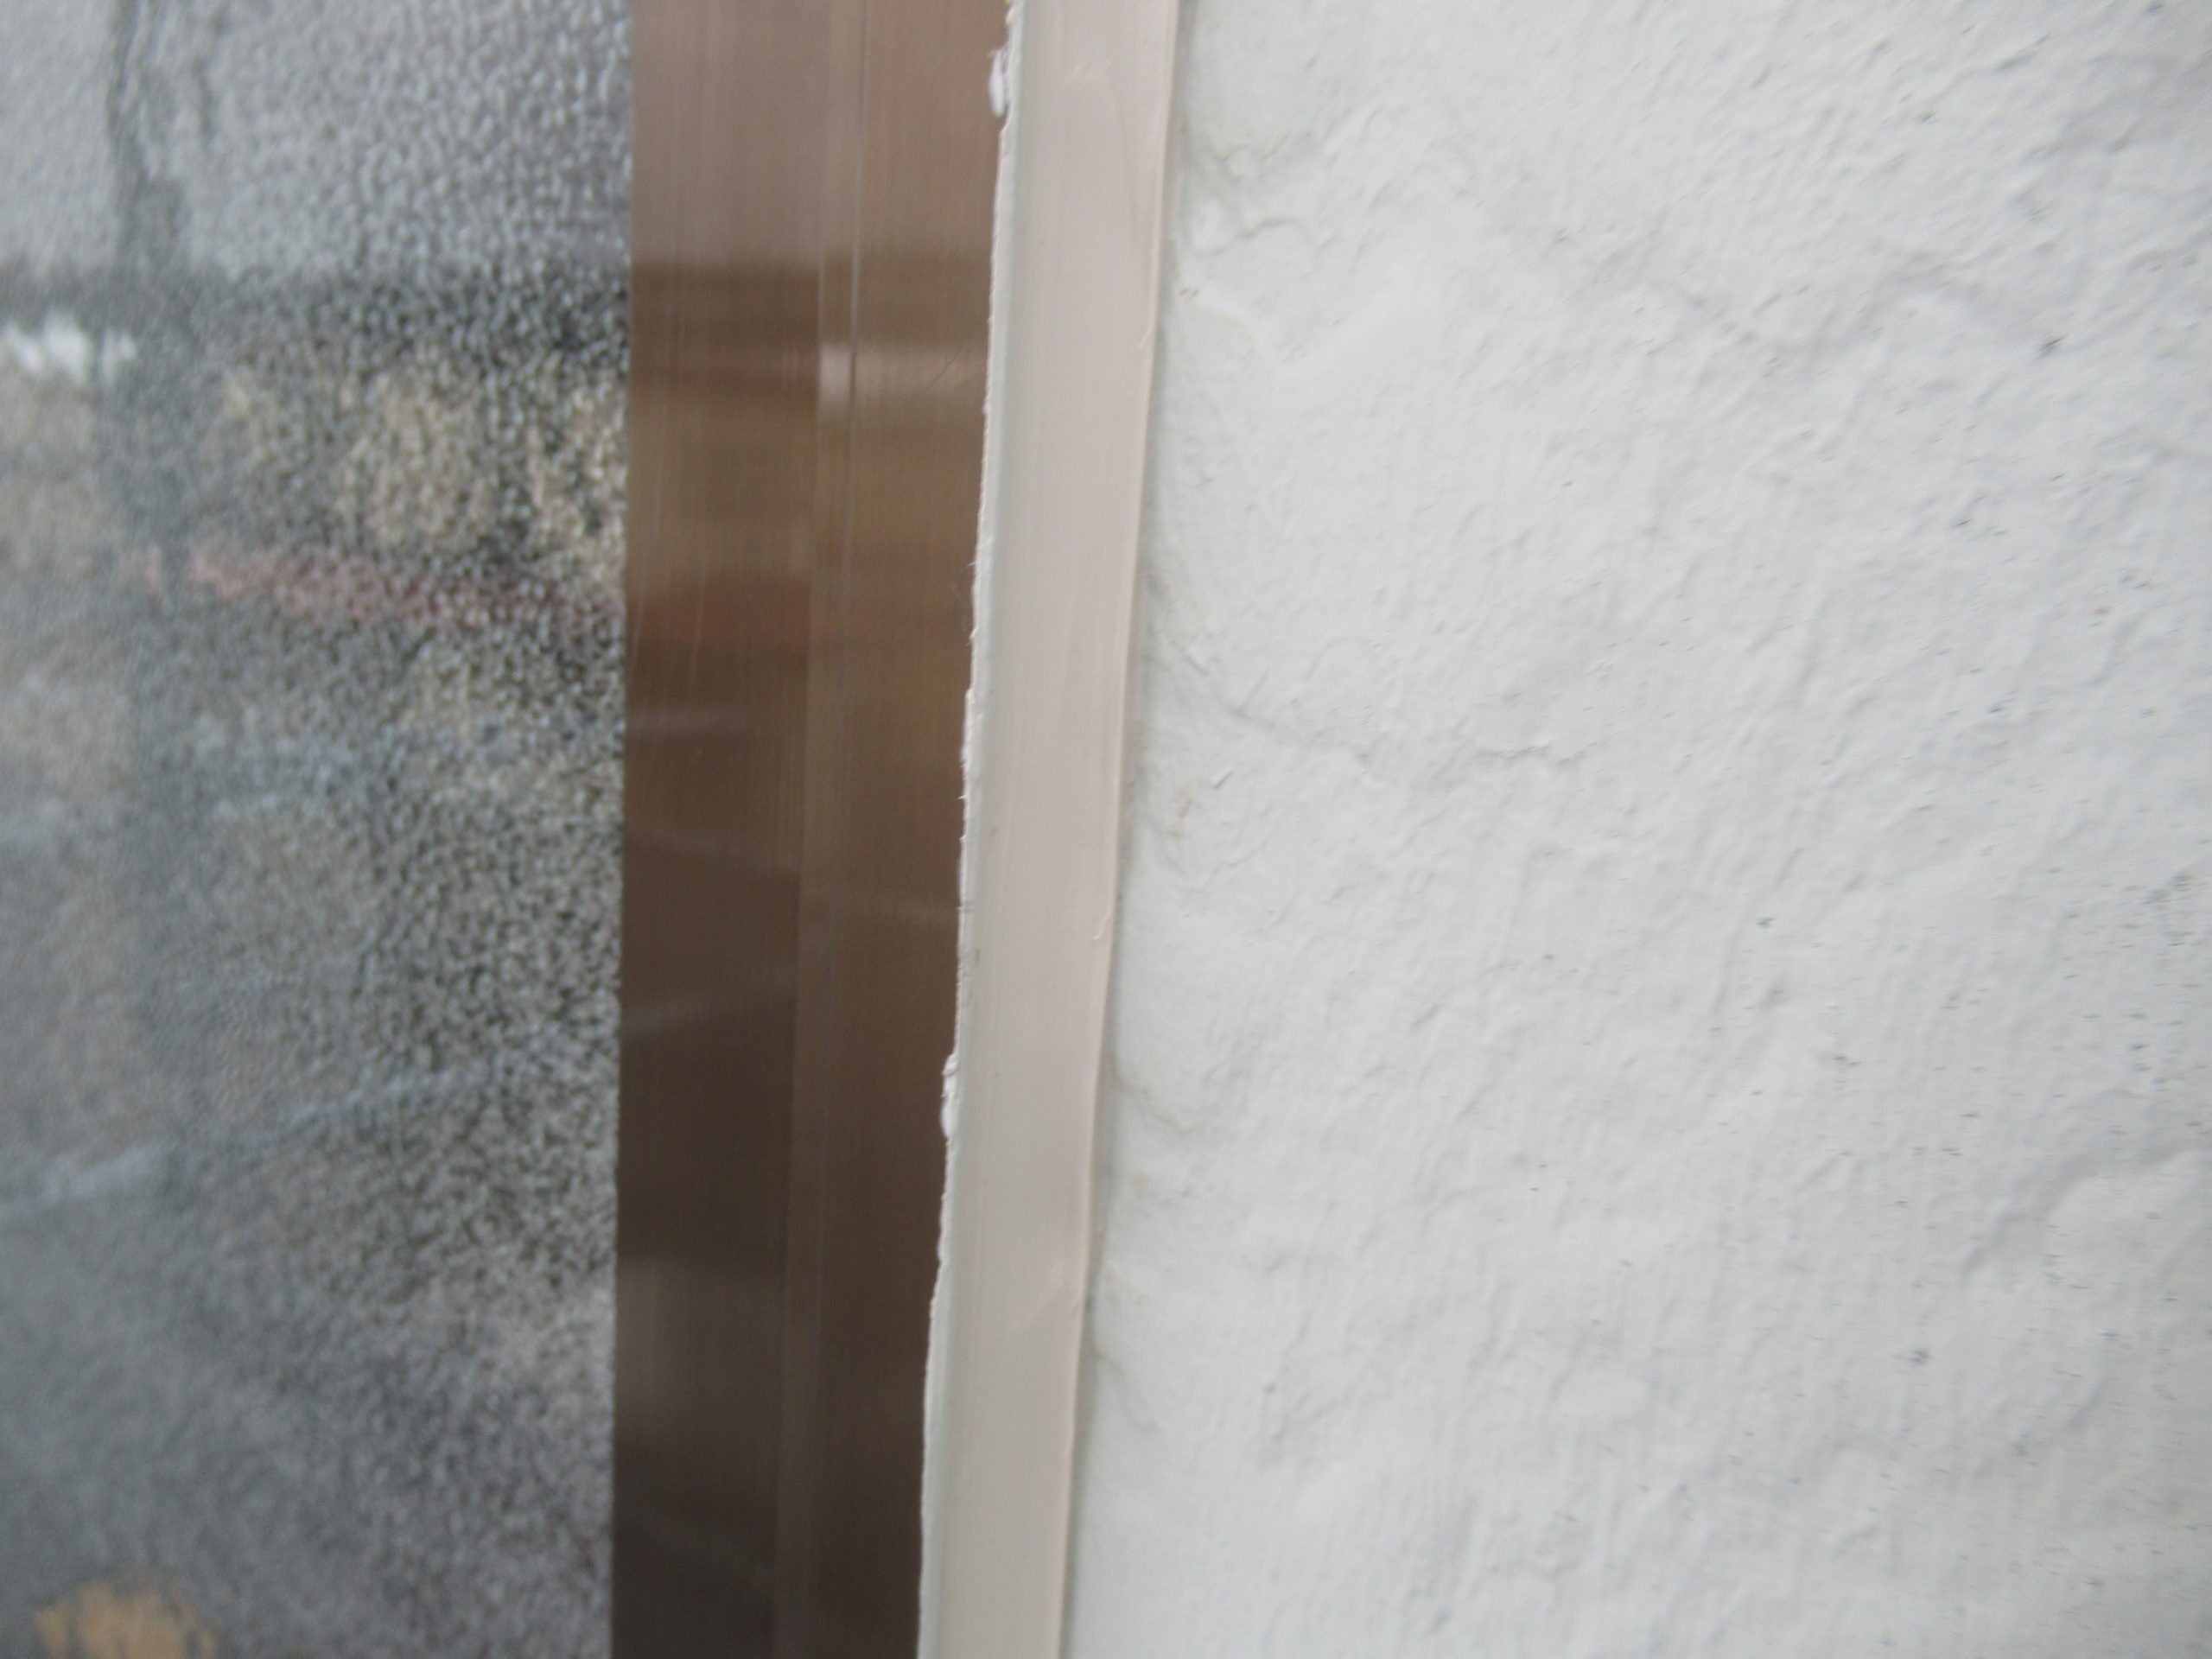 宮城県亘理町で屋根と外壁塗装!(^^)!H様からのアンケートを頂きました。ありがとうございます。